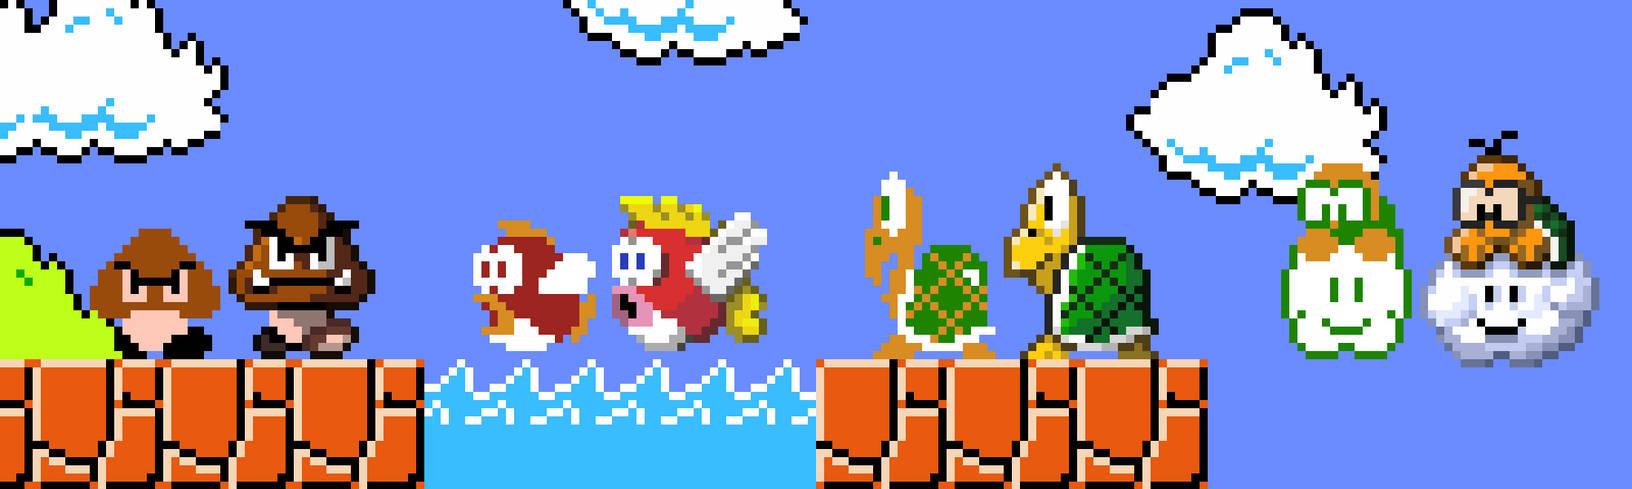 Mario Enemies Rework